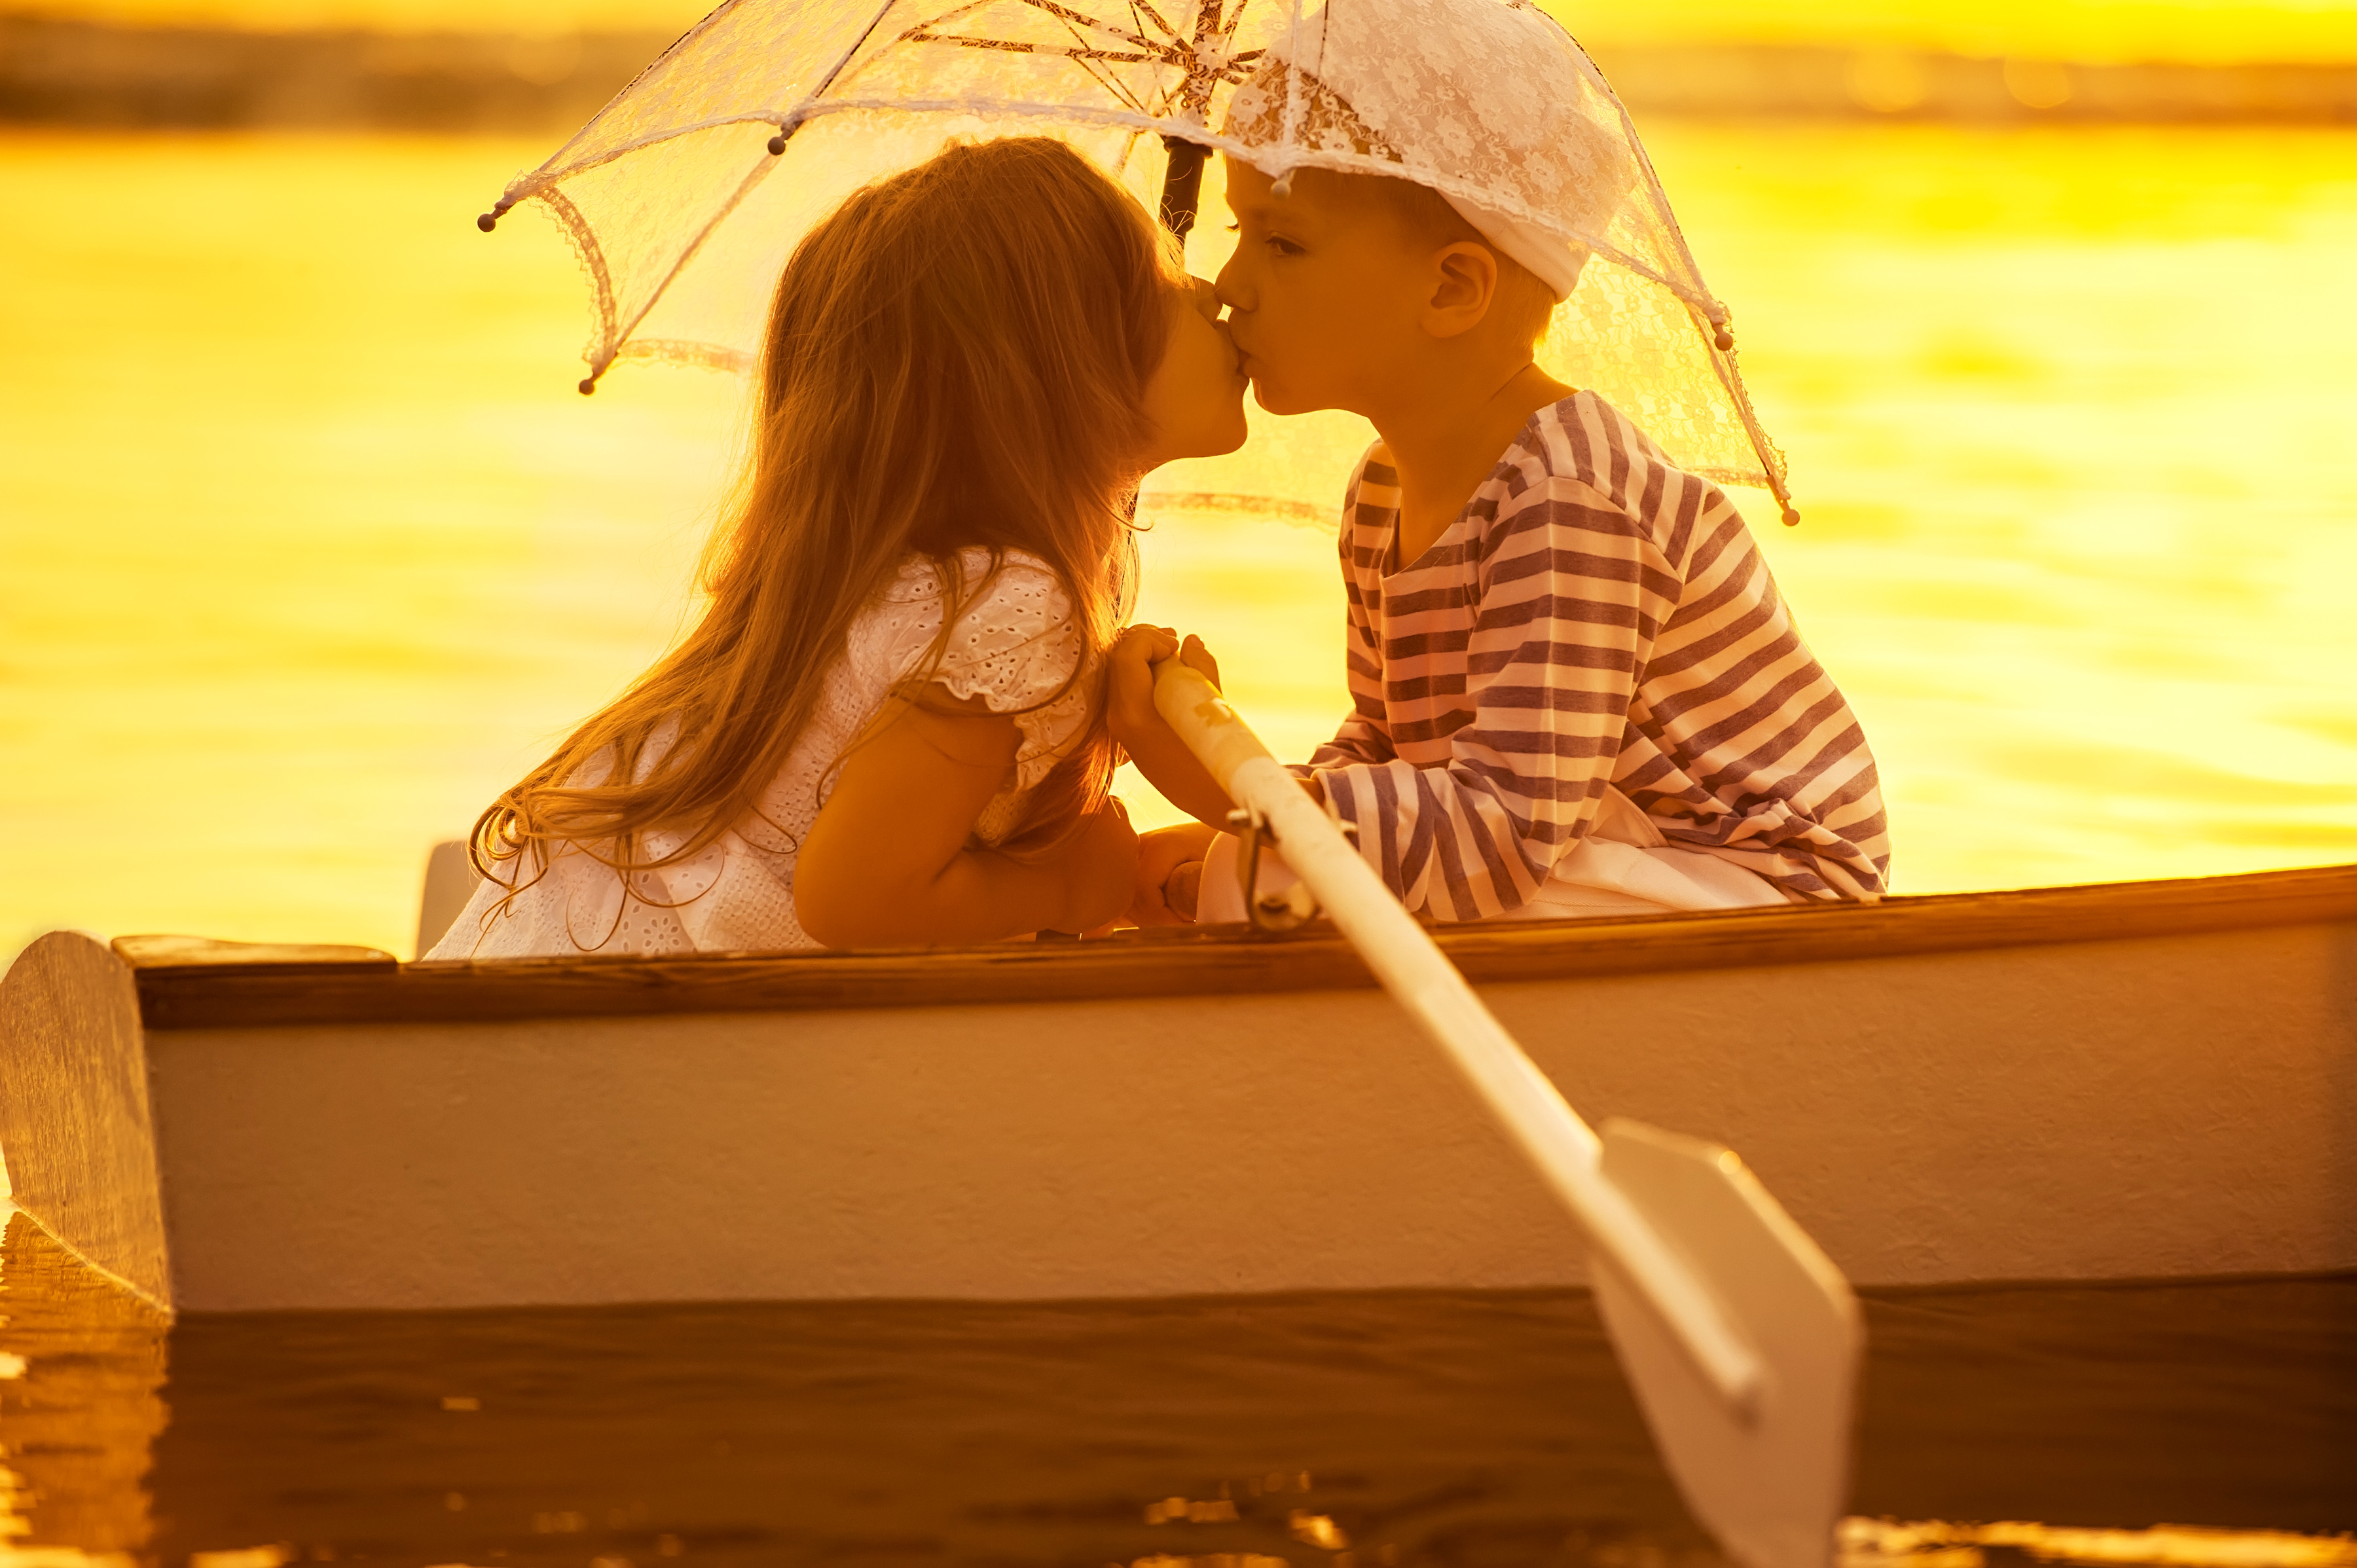 Картинки девочка мальчишки Свидание любовники Дети два Зонт Лодки Девочки мальчик Мальчики мальчишка свидании Влюбленные пары ребёнок 2 две Двое вдвоем зонтом зонтик